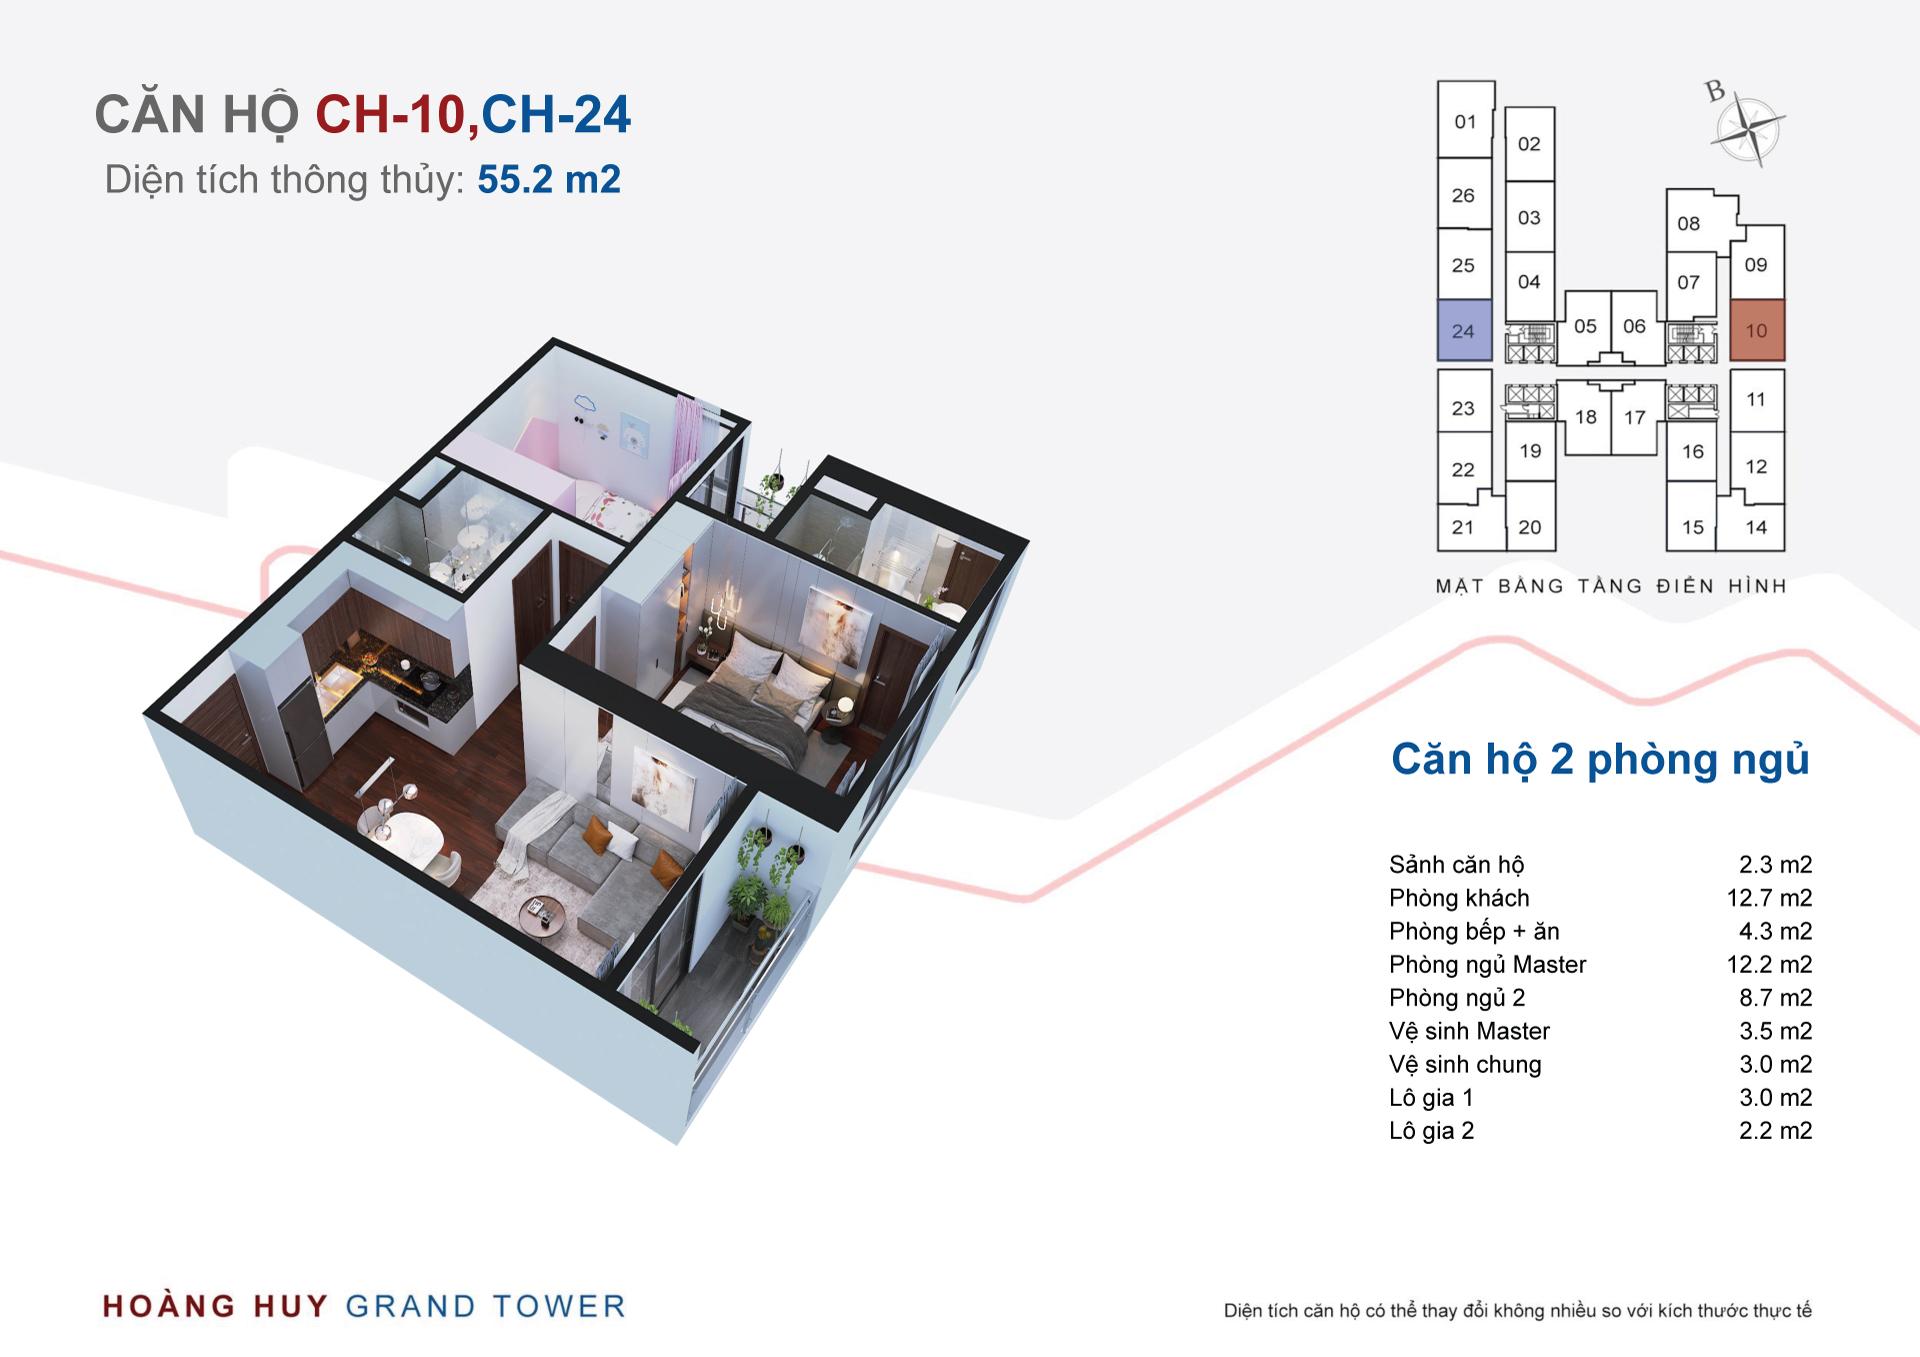 thiết kế căn hộ hoàng huy grand tower